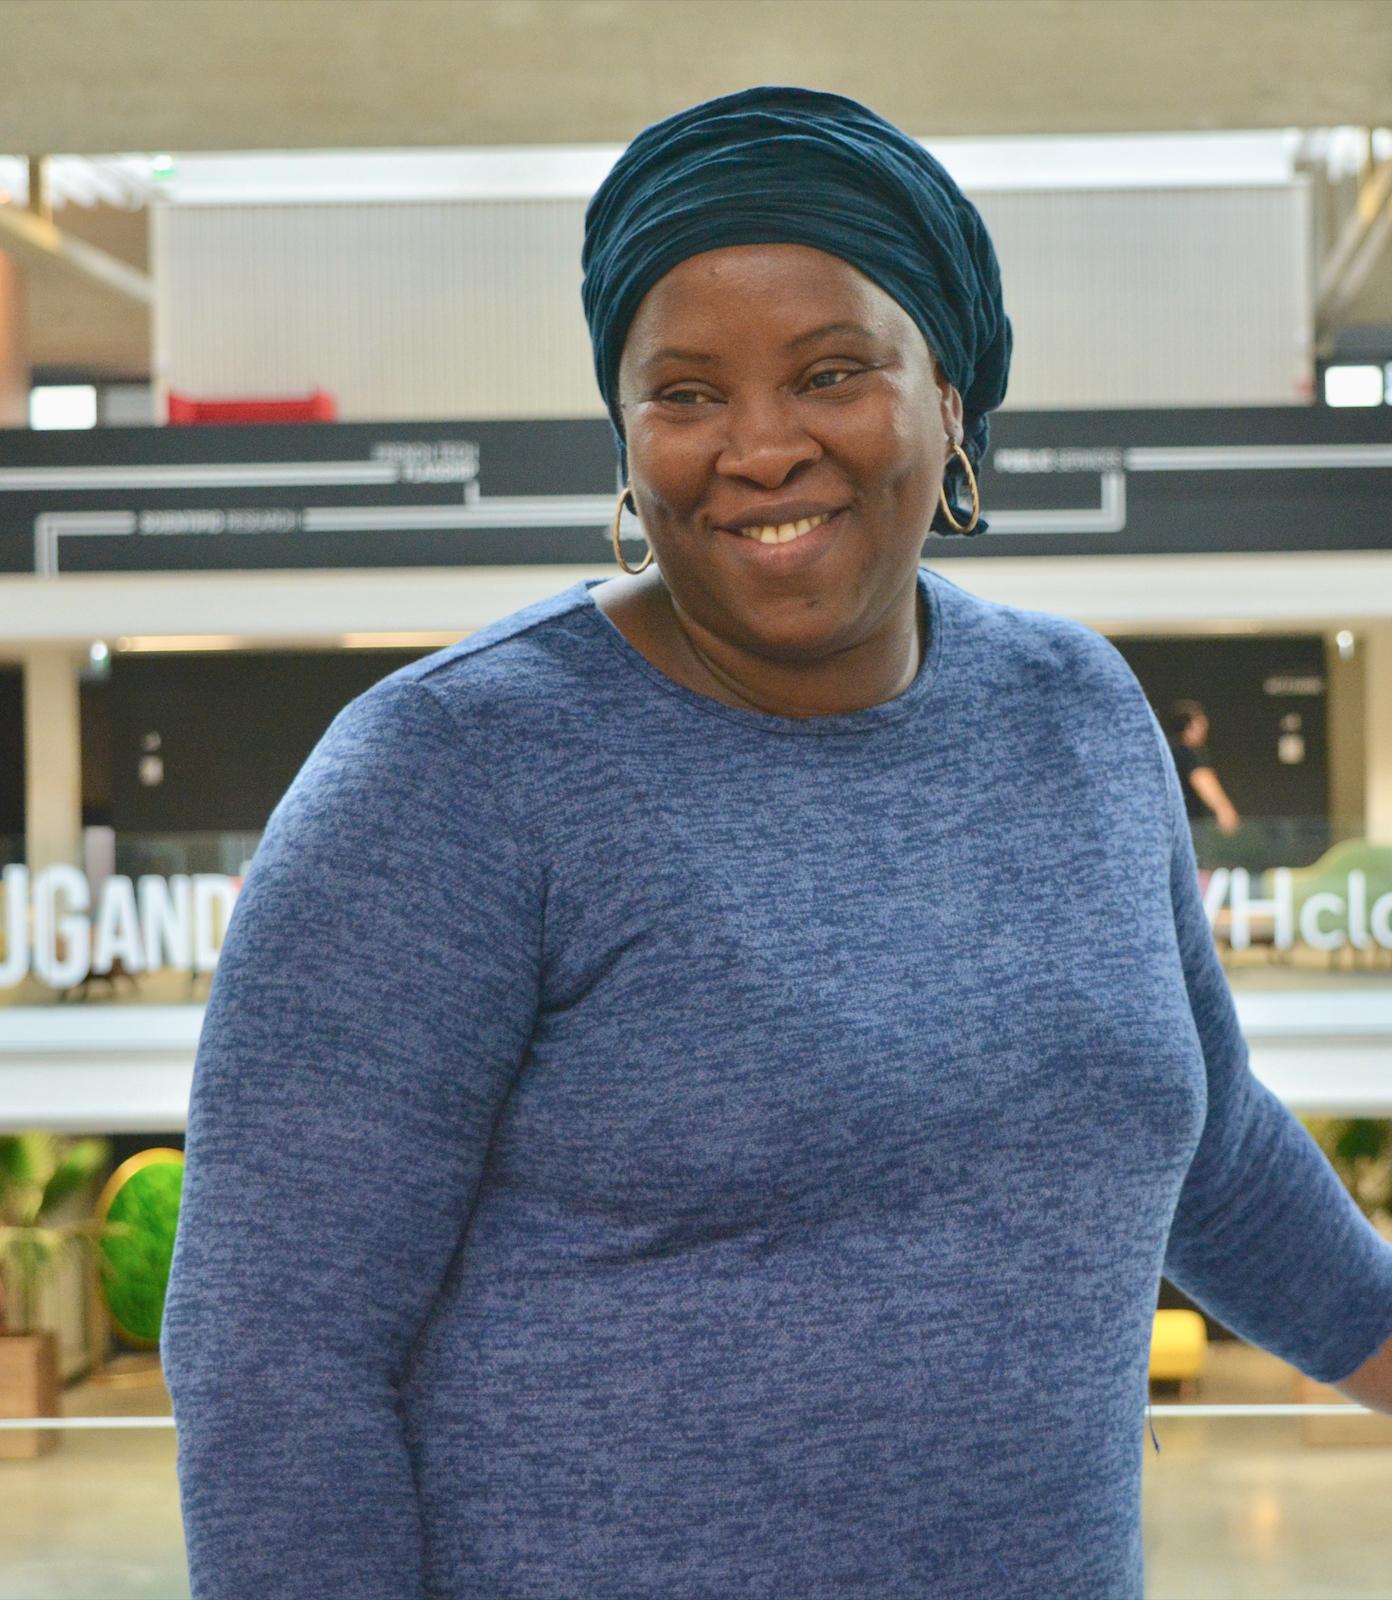 Fatoumata, maman, cuisinière et working woman. Une cheffe travaillant chez MeetMyMama, traiteur de cuisine du monde et authentique.